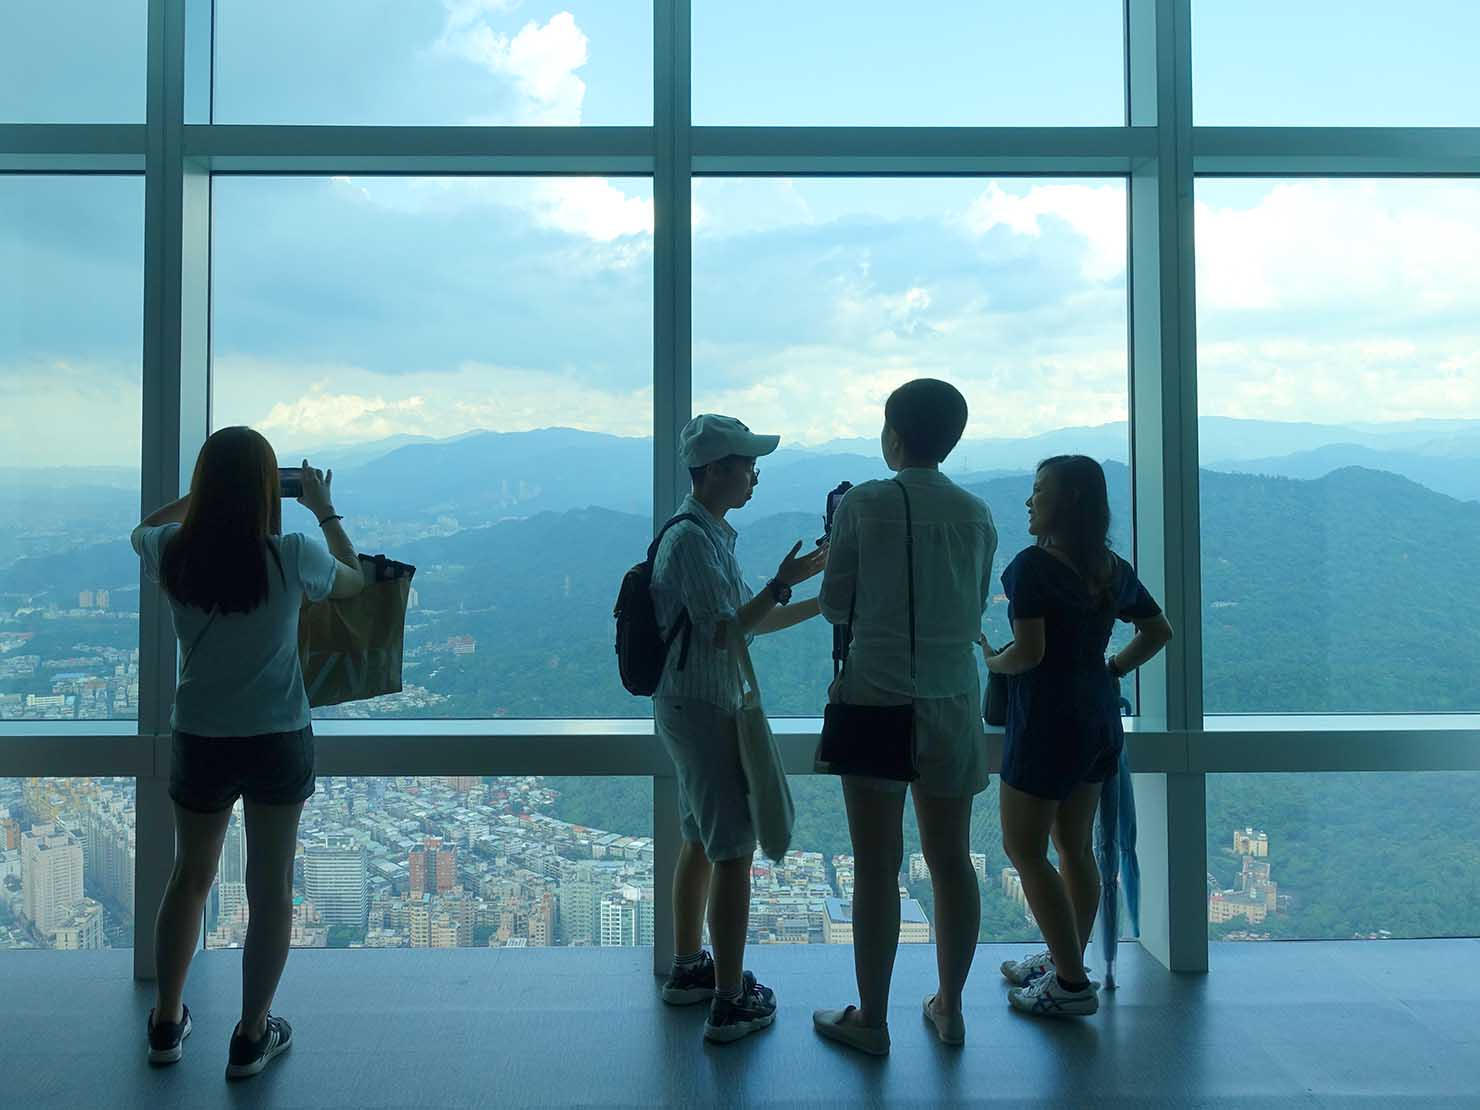 台北101展望台から景色を楽しむ人々